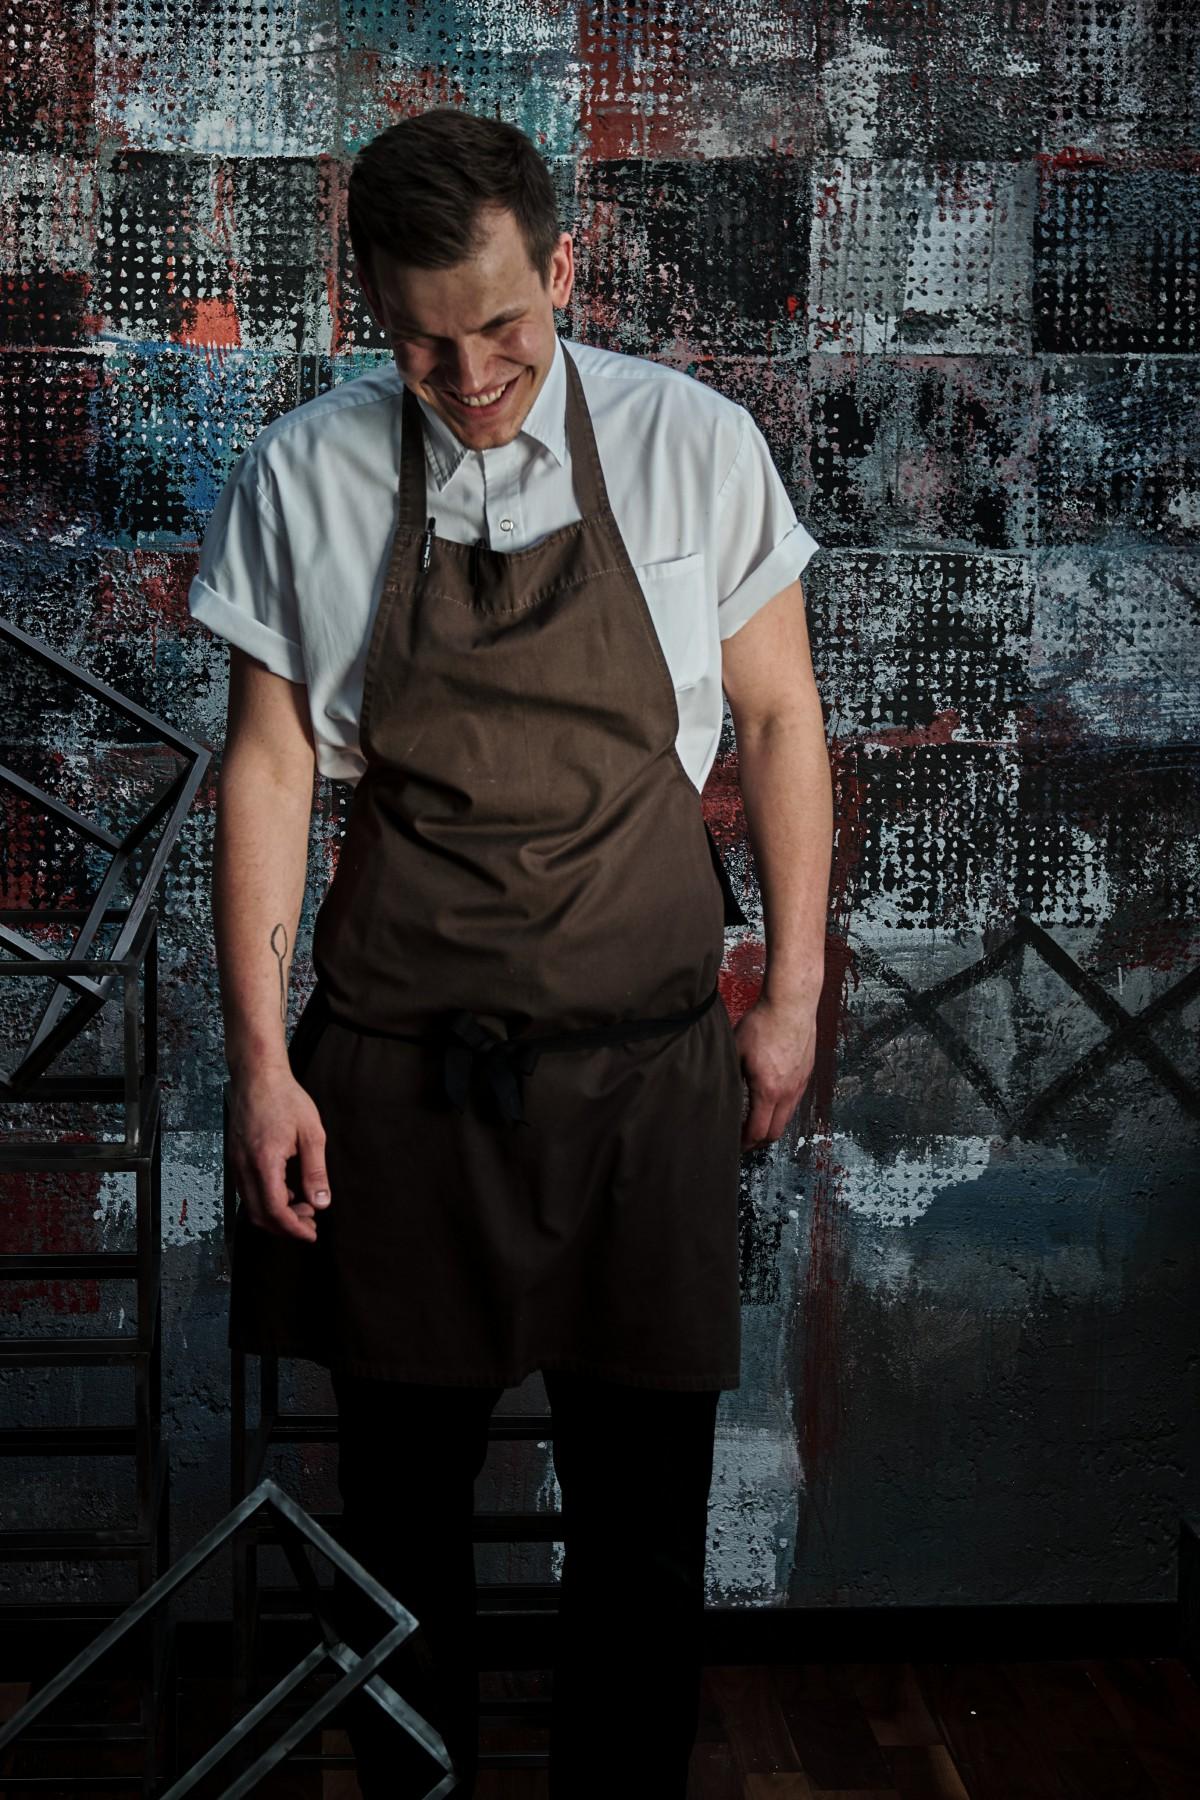 Mężczyzna w stroju kucharza